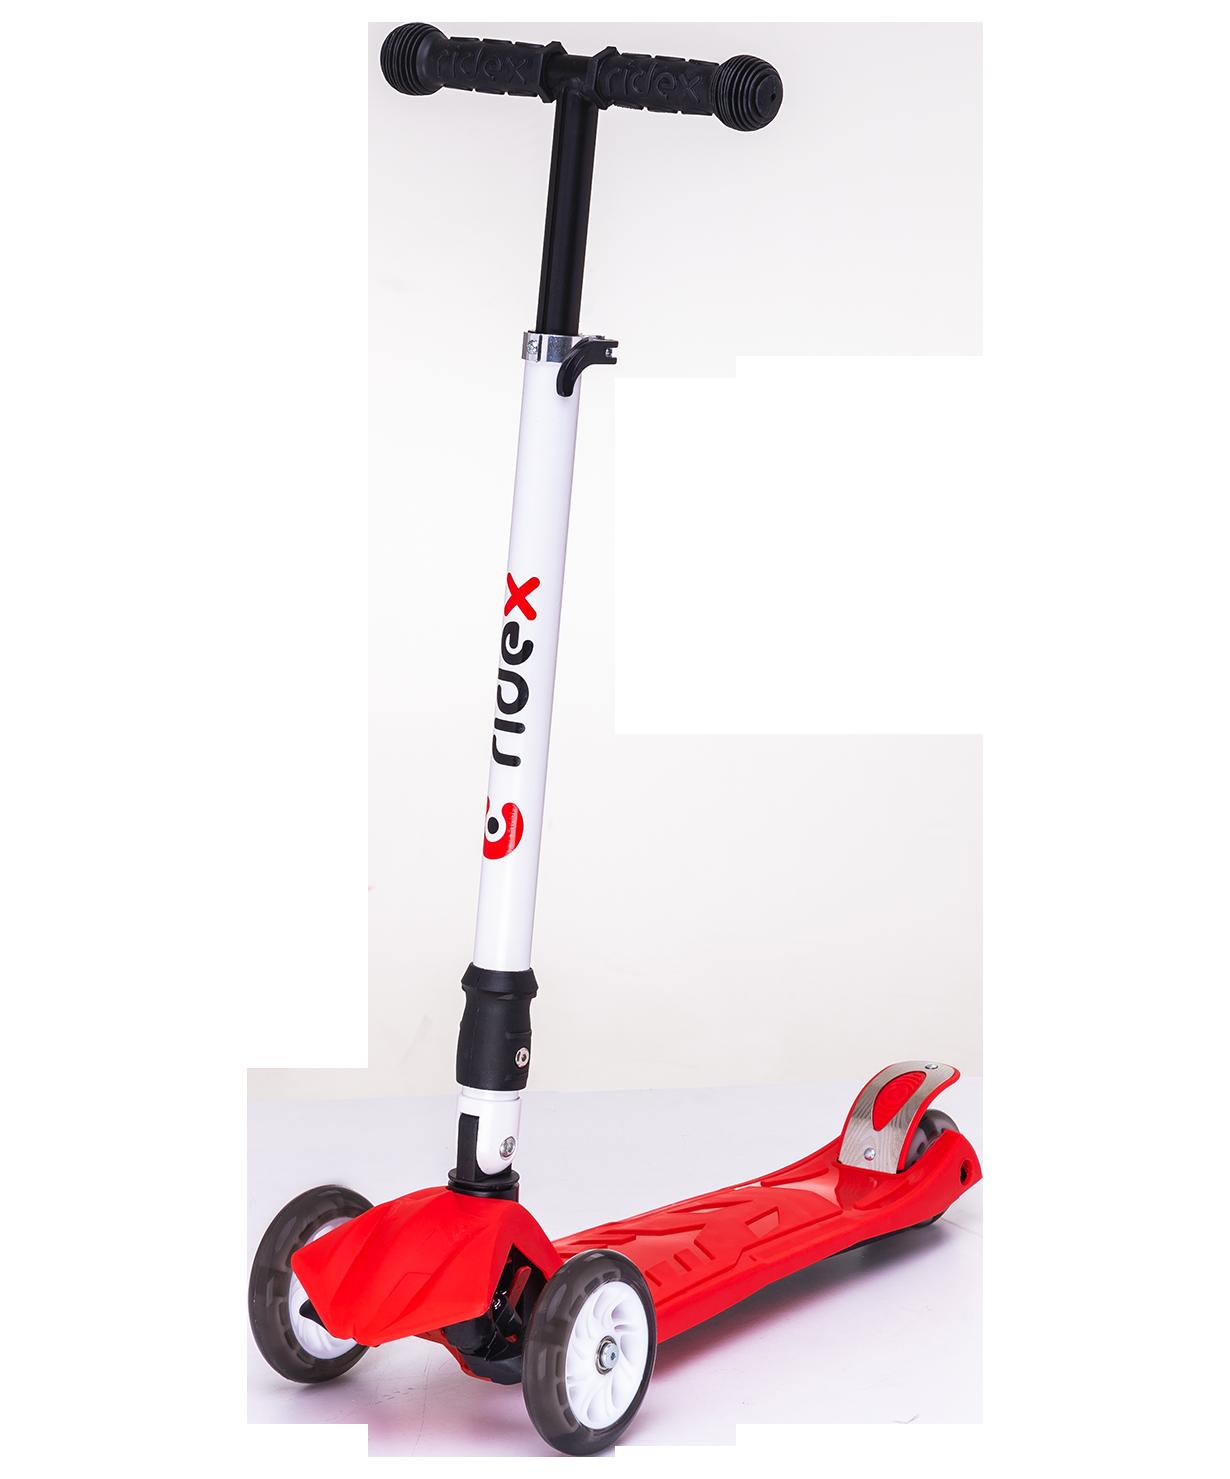 Трёхколёсный самокат Ridex Smart 3D детский красный складной со светящимися колёсами